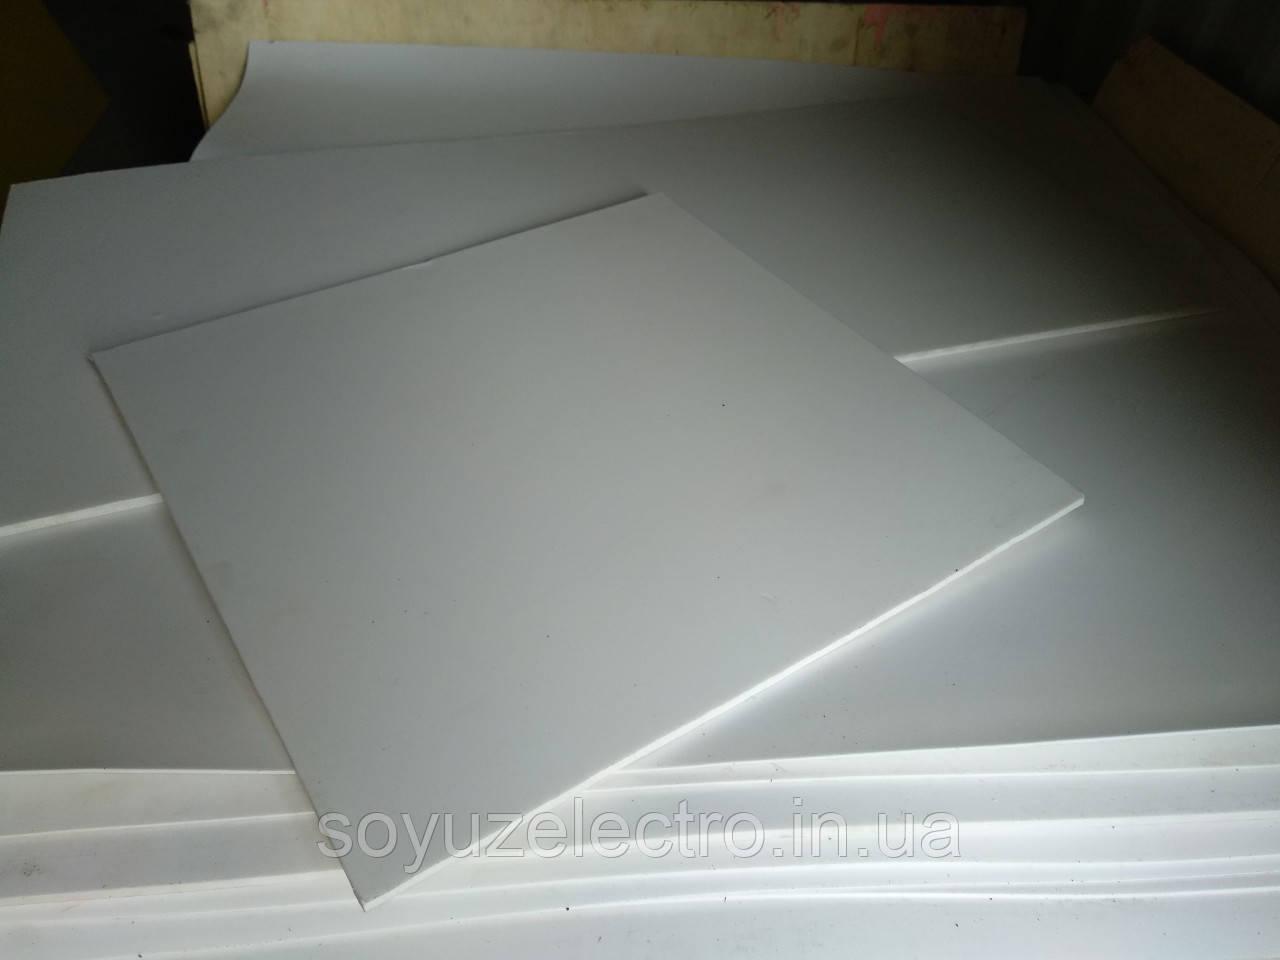 Фторопласт лист Ф4 3 мм 1000х1000 мм